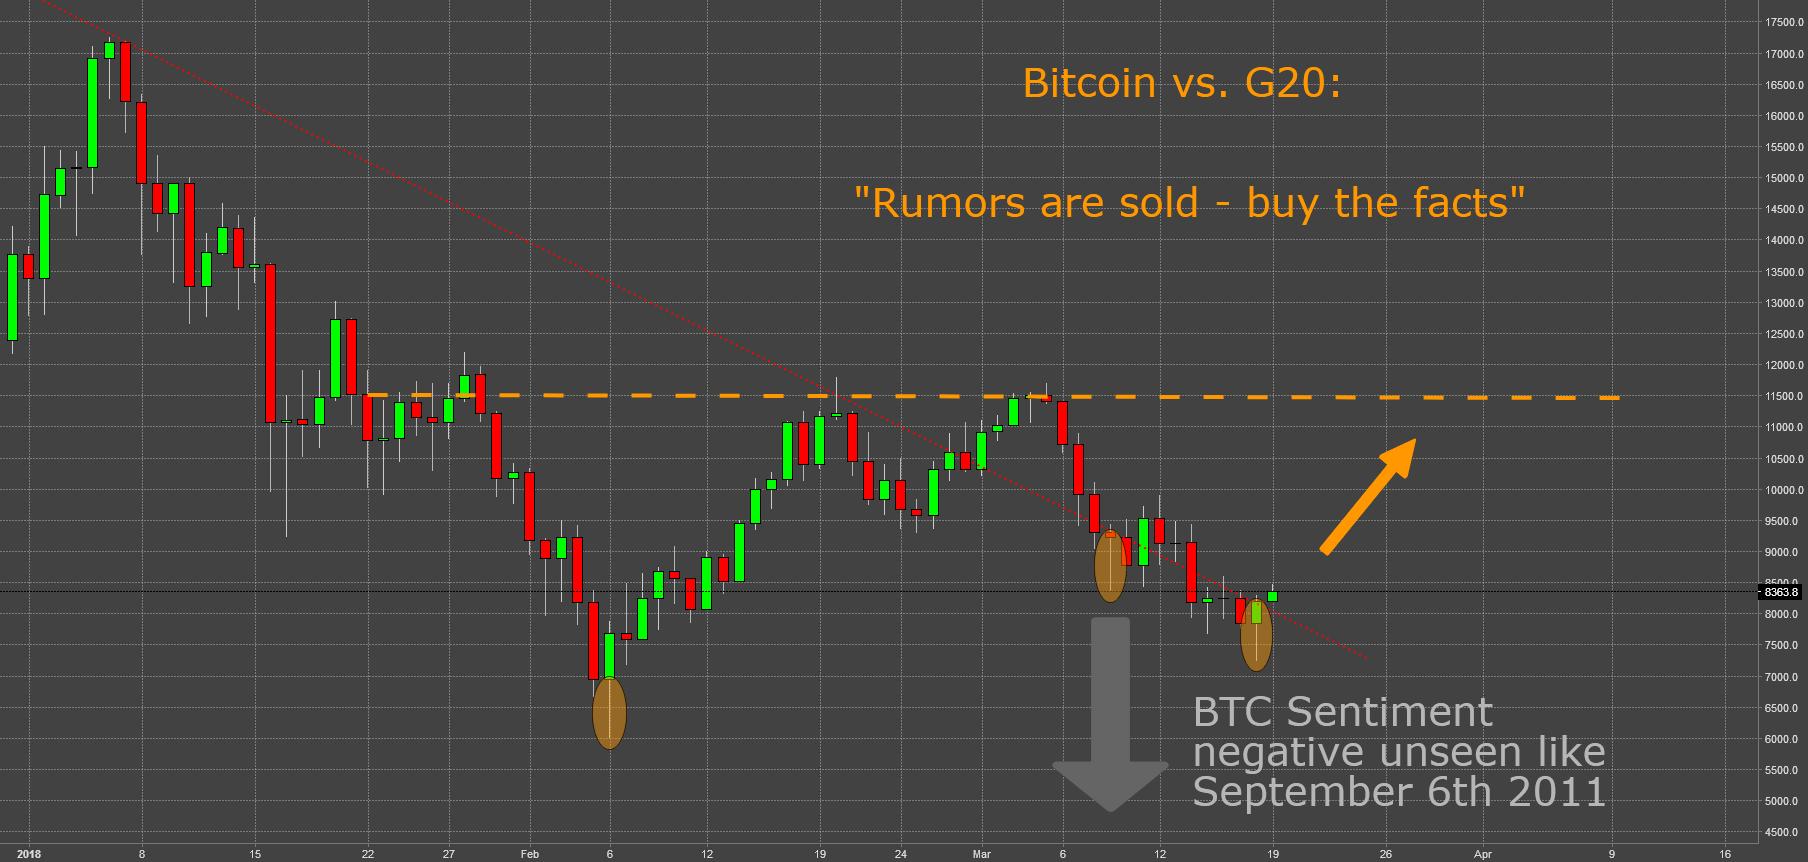 BTC: Short term risk on long trade - G20 rumors priced in